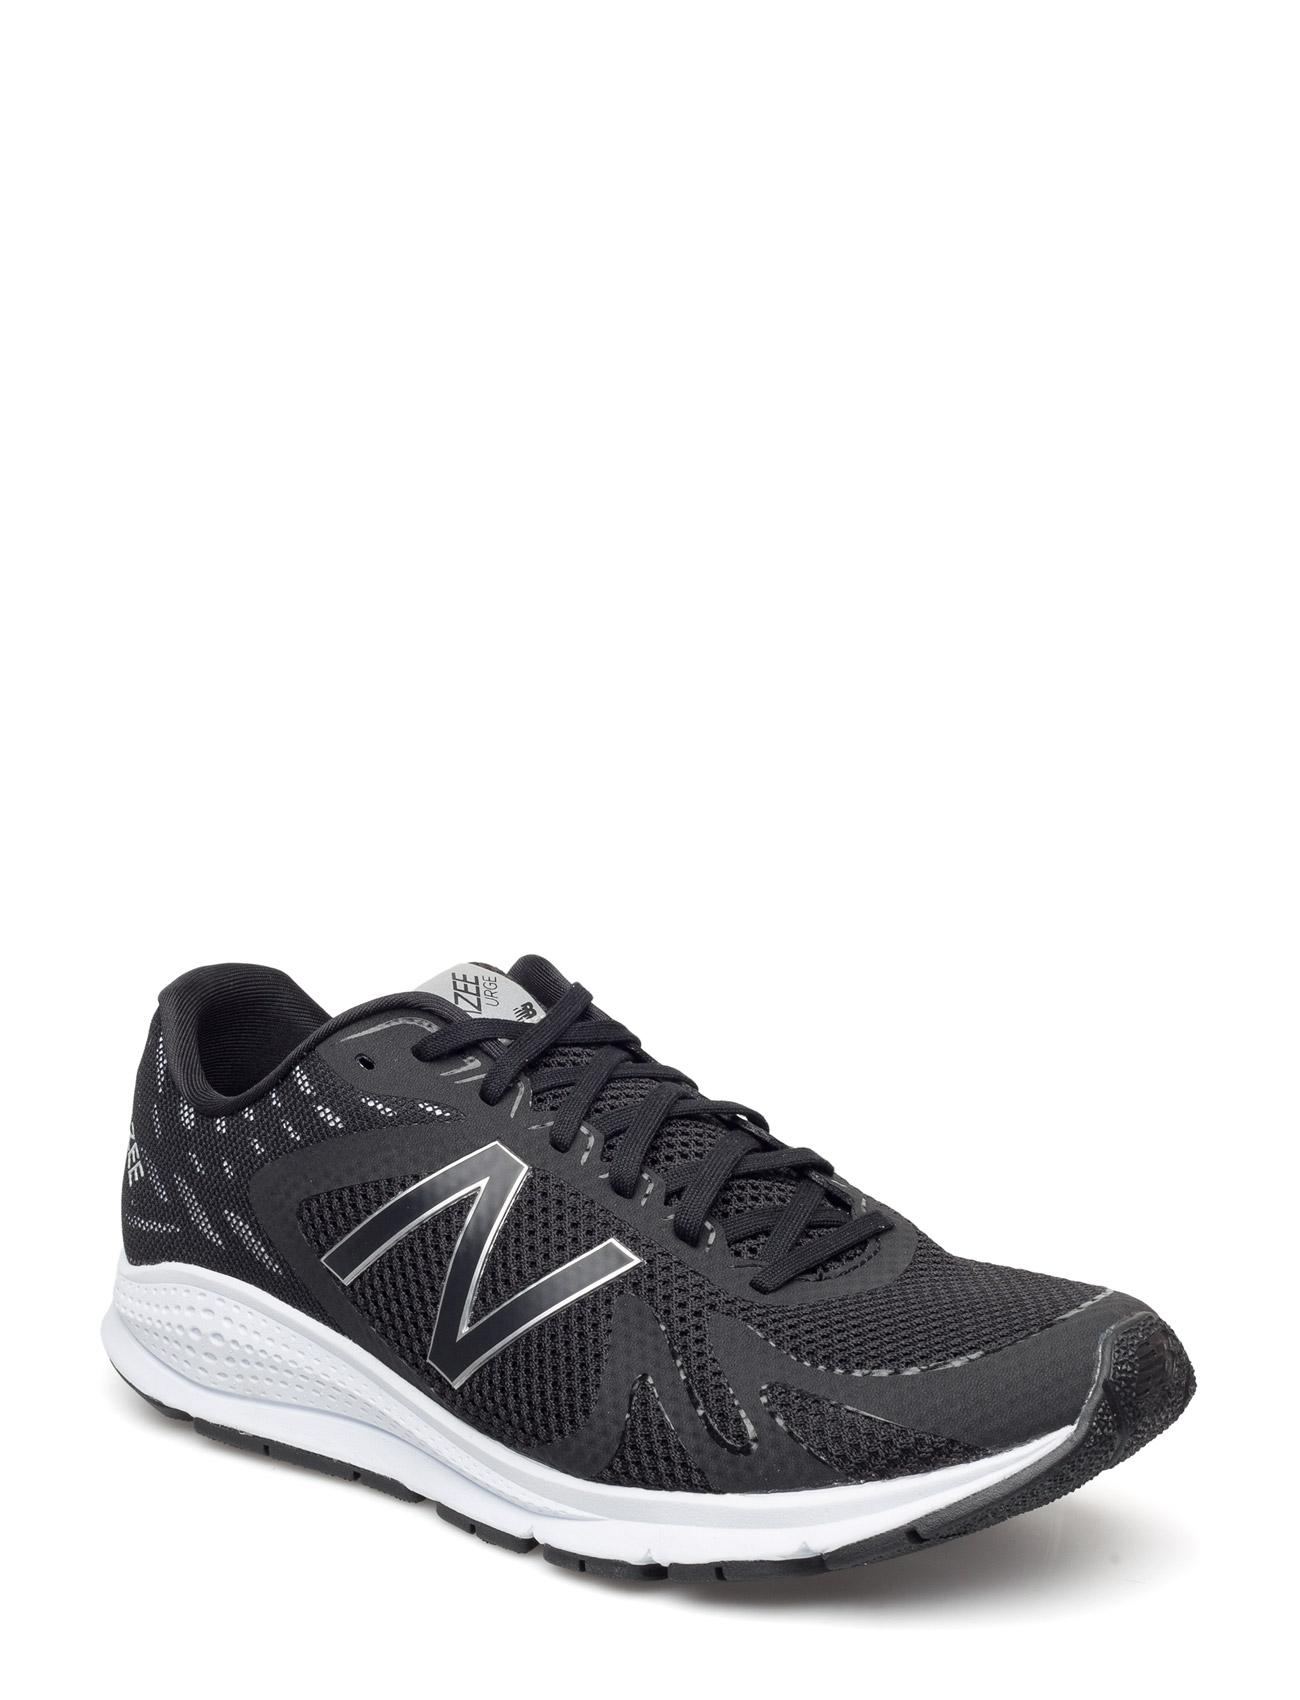 Vazee Urge New Balance Sports sko til Mænd i Sort